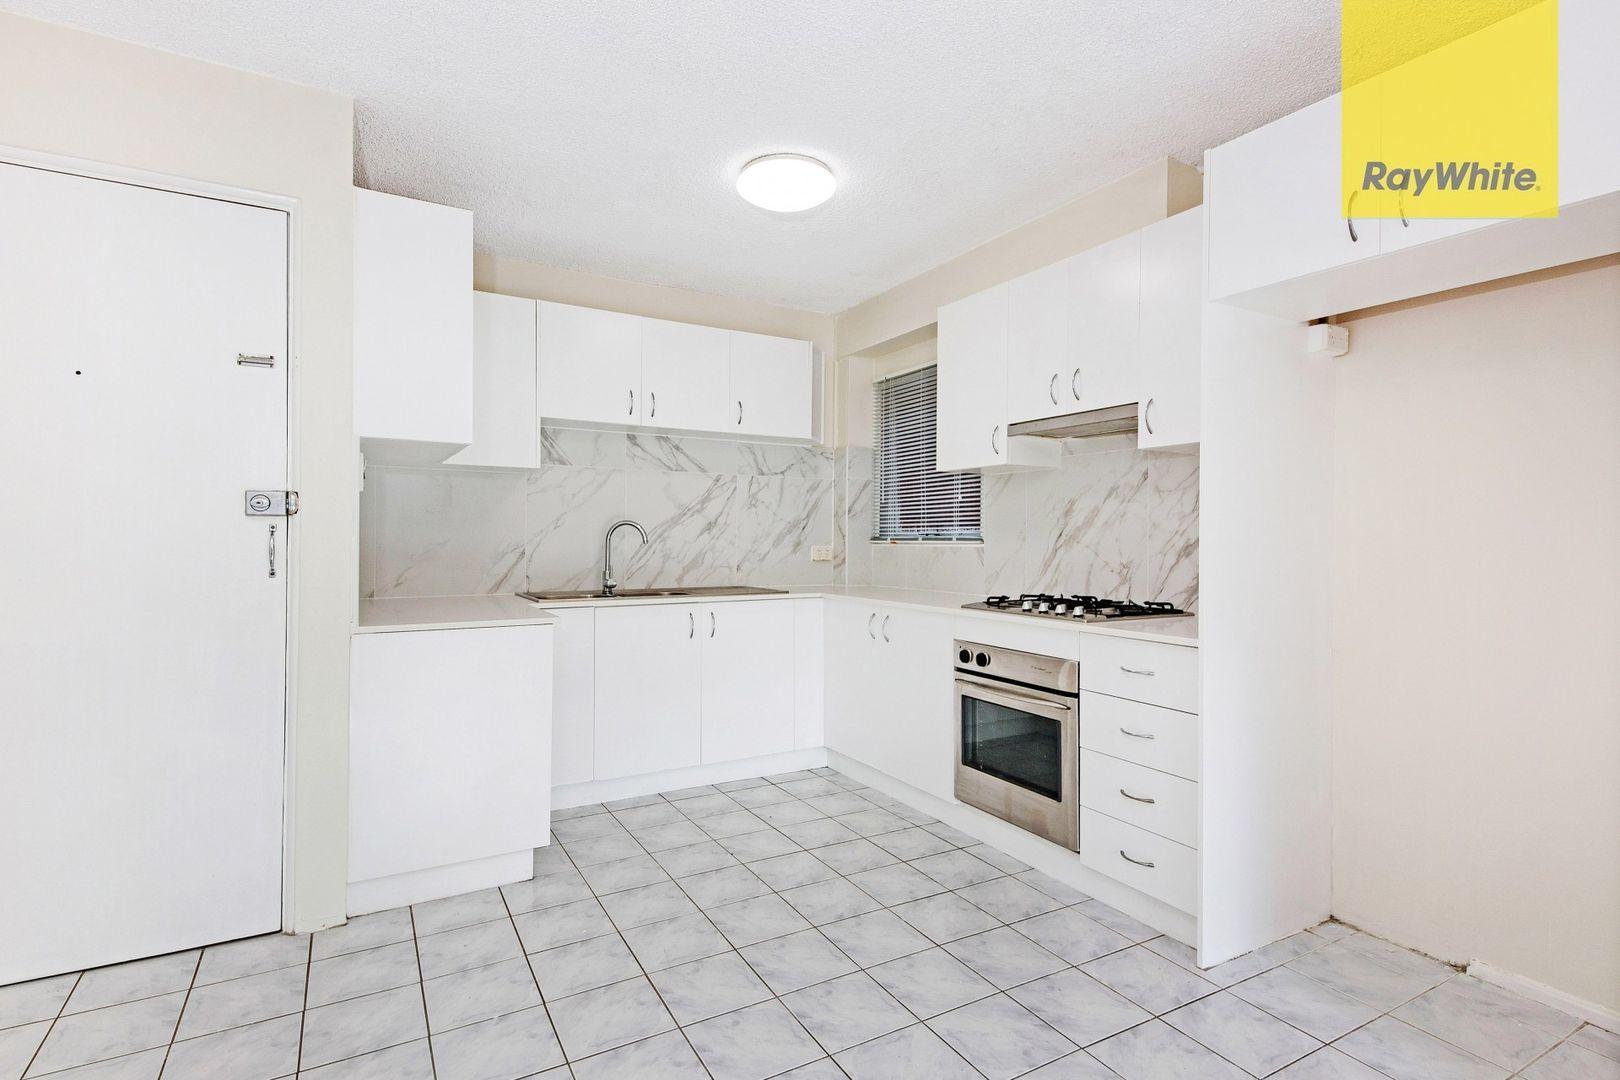 17/14-16 Lamont Street, Parramatta NSW 2150, Image 1